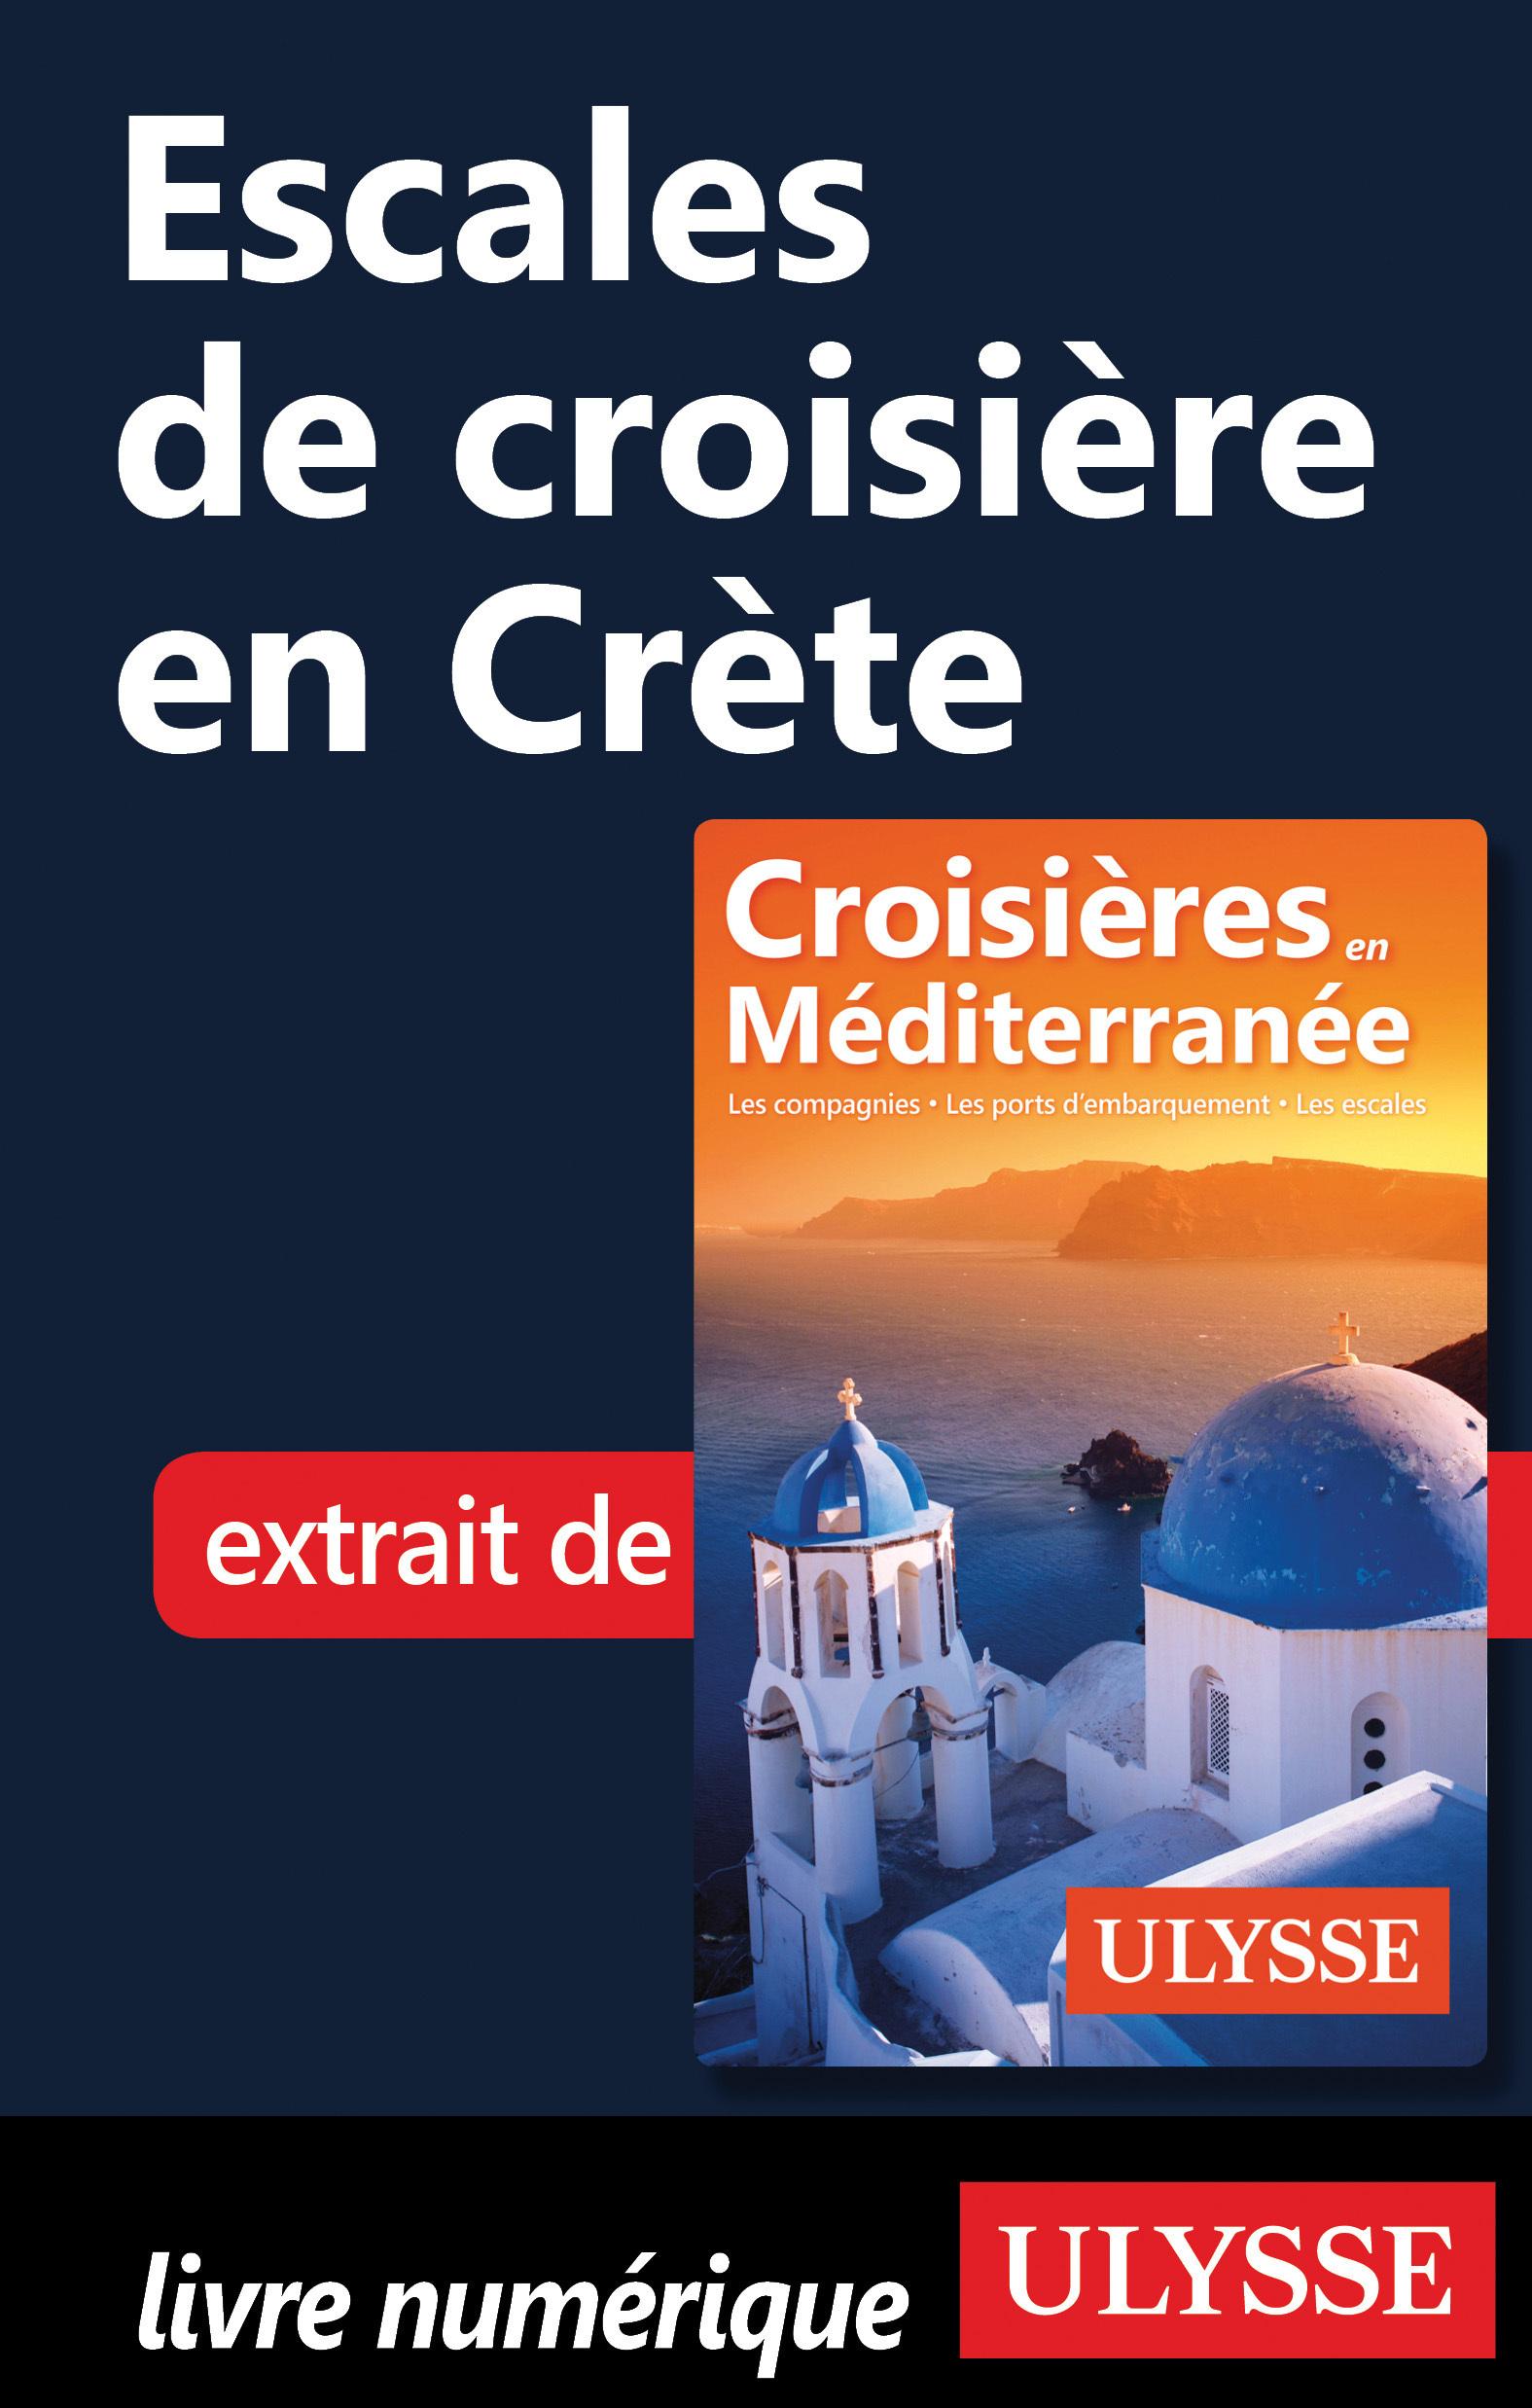 Escales de croisière en Crète